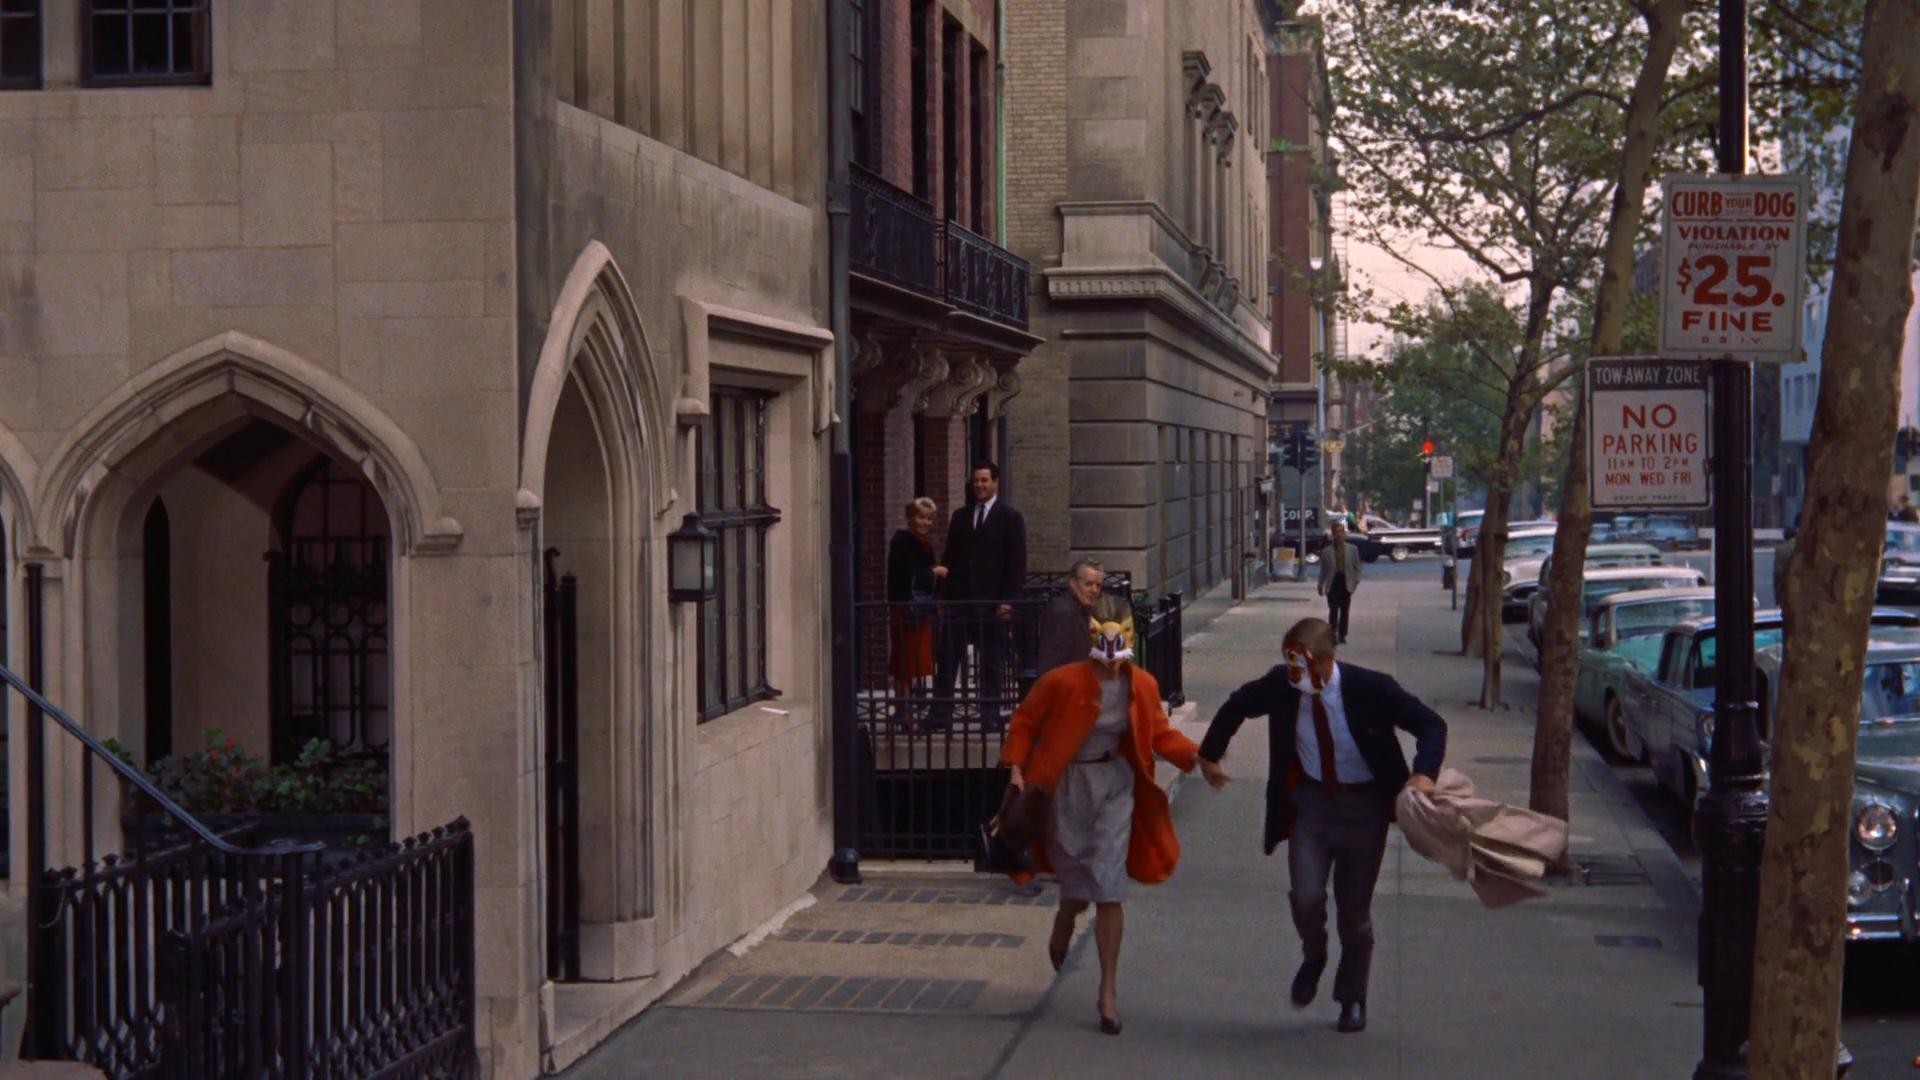 camminare - correre- pensare- riflettere- non si dice piacere-bon ton buone maniere - colazione da ttiffany